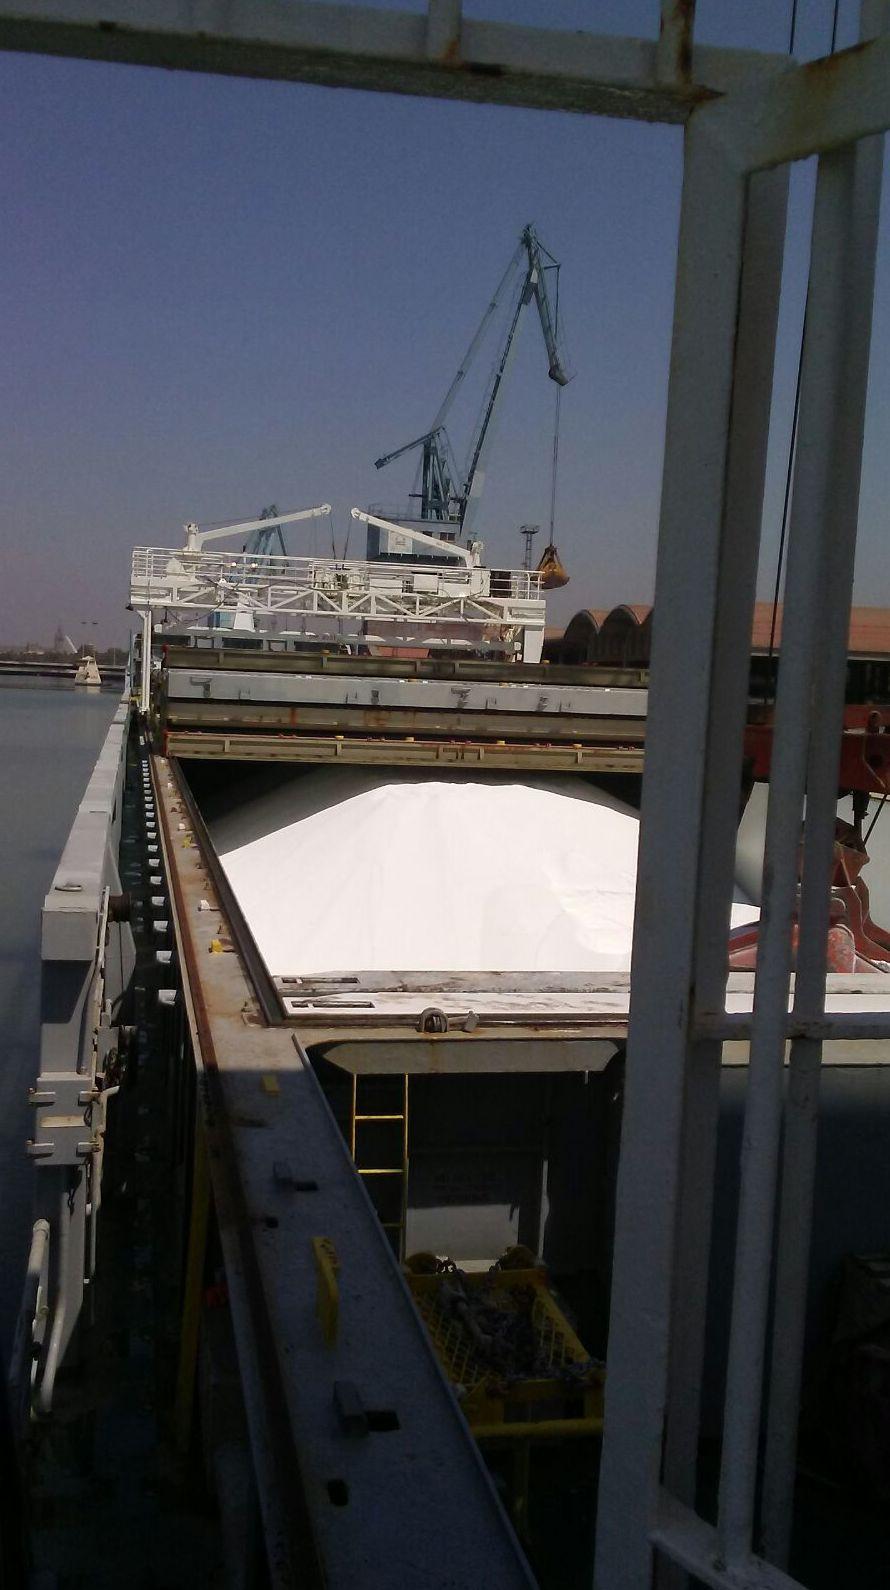 Asistencia tecnica de maquinaria industrial a buques